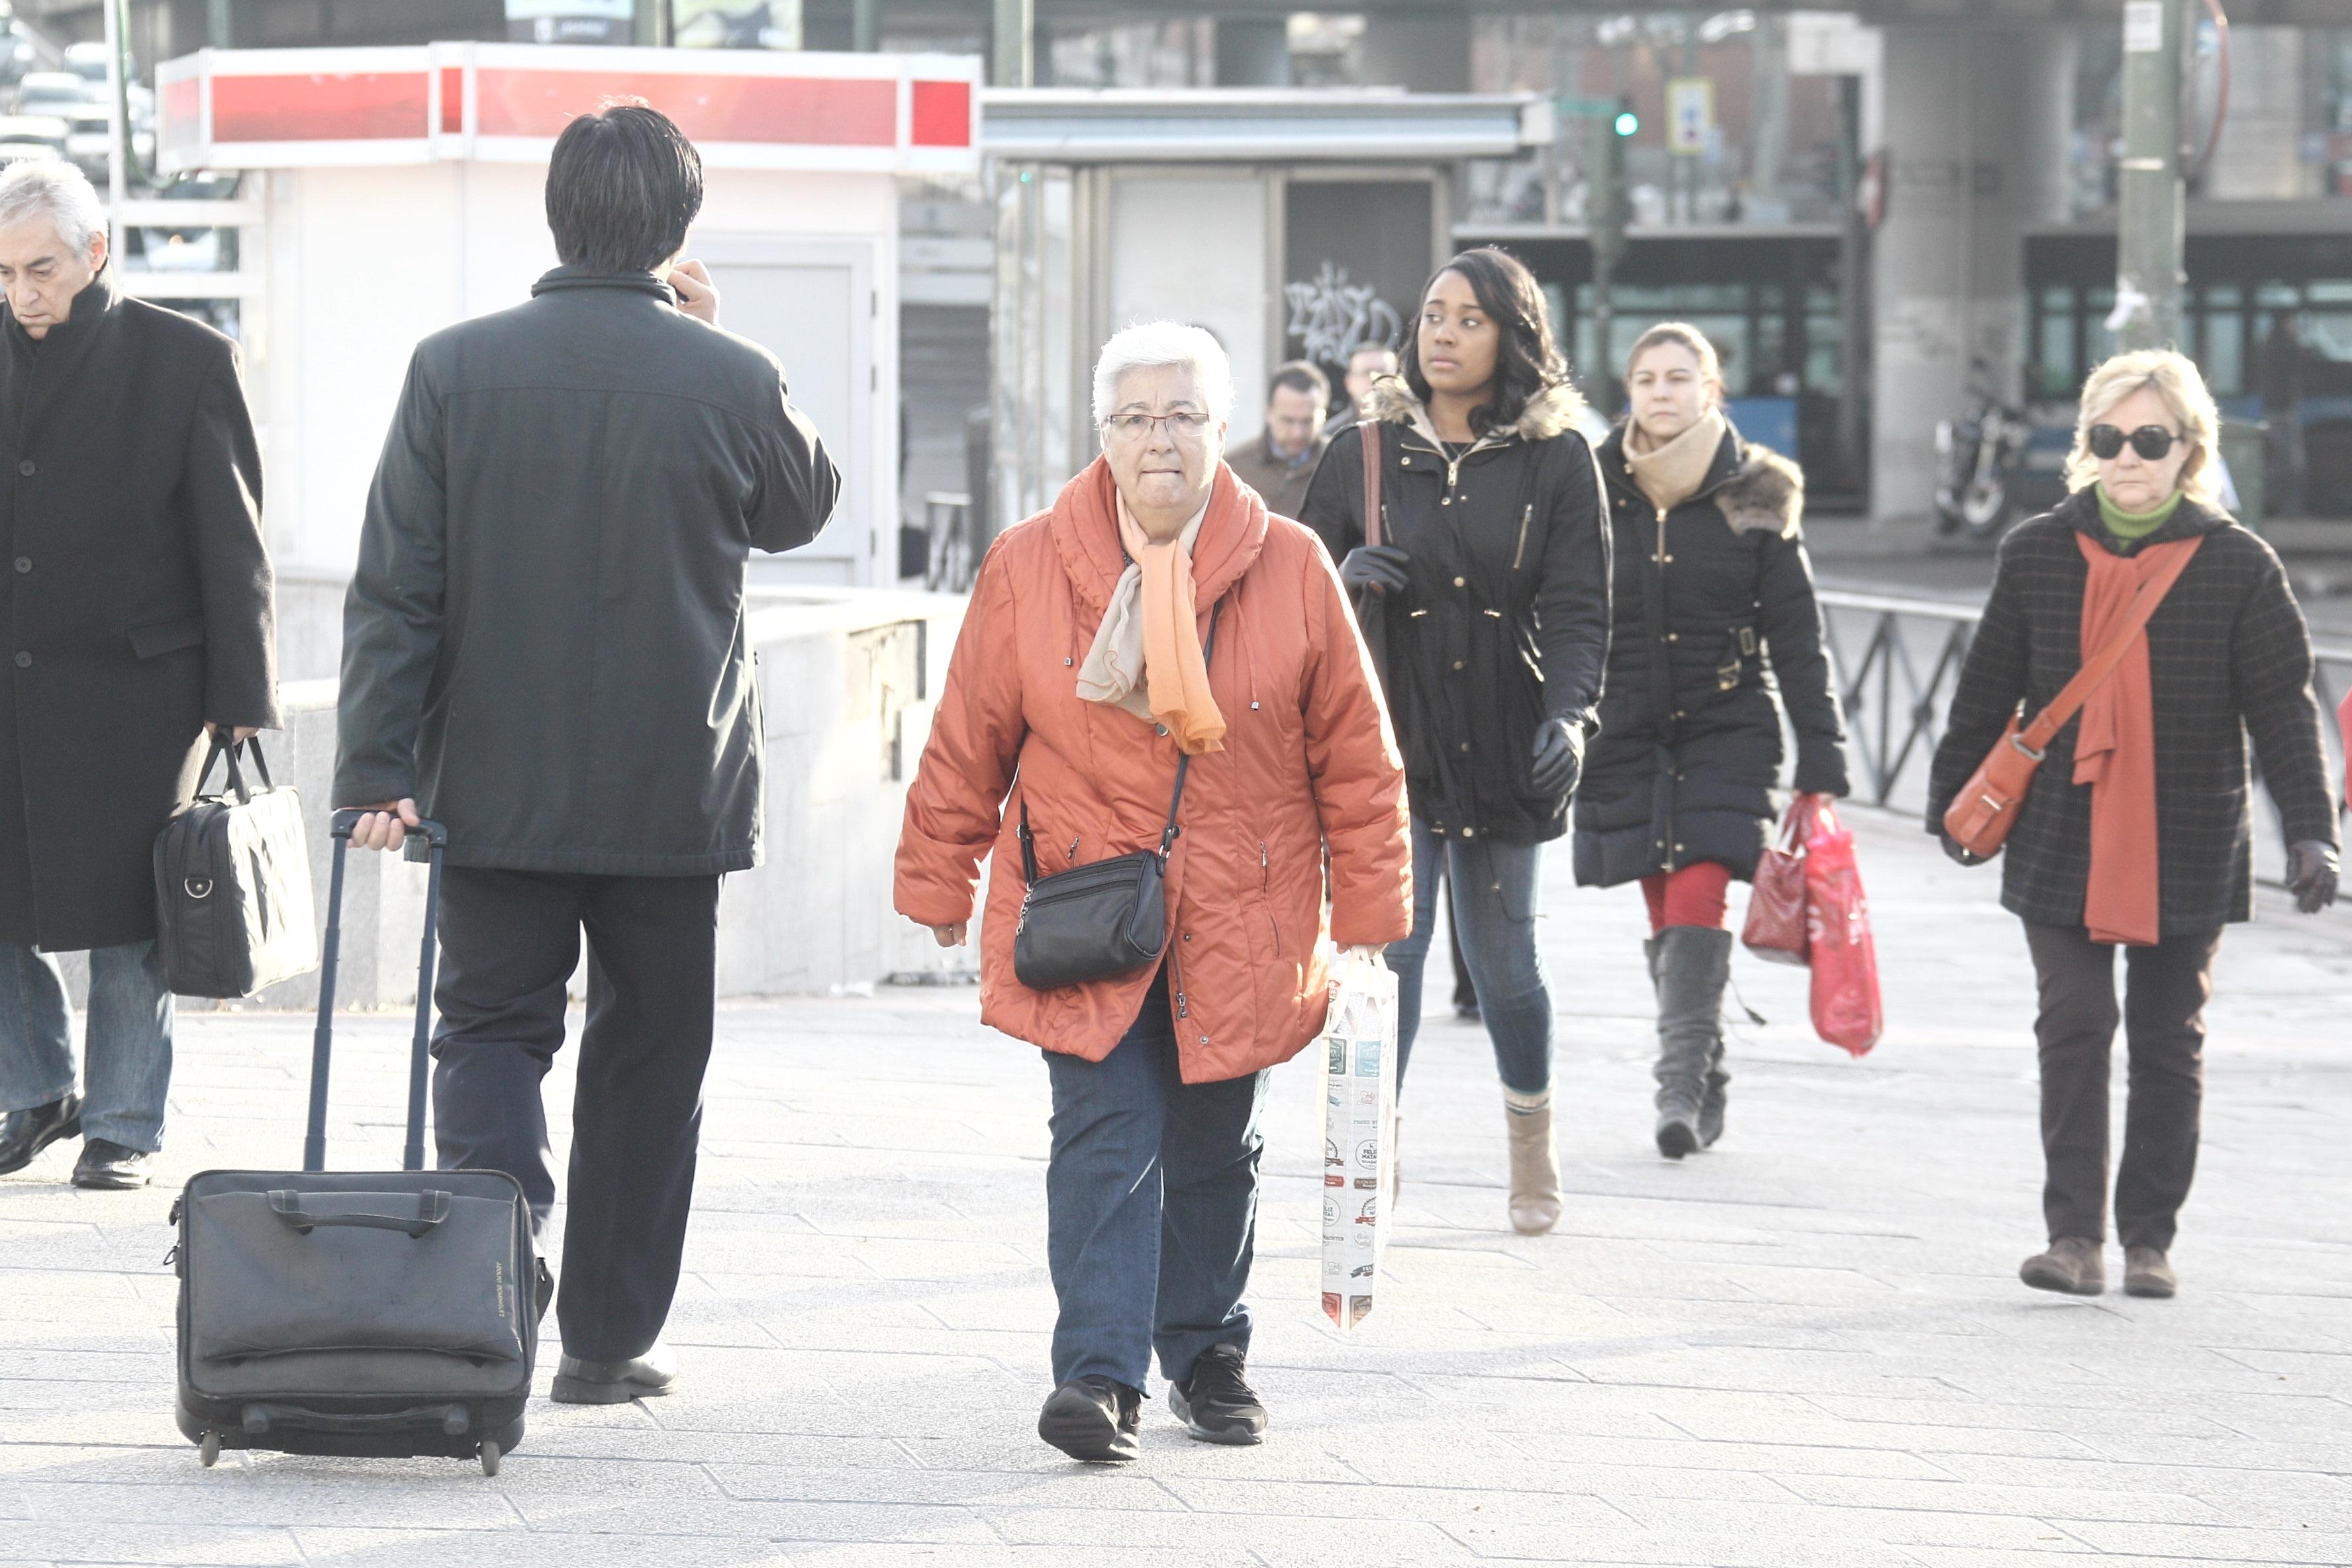 La DGT pondrá en 2014 el foco en los mayores de 65 años, con campañas específicas y otras acciones